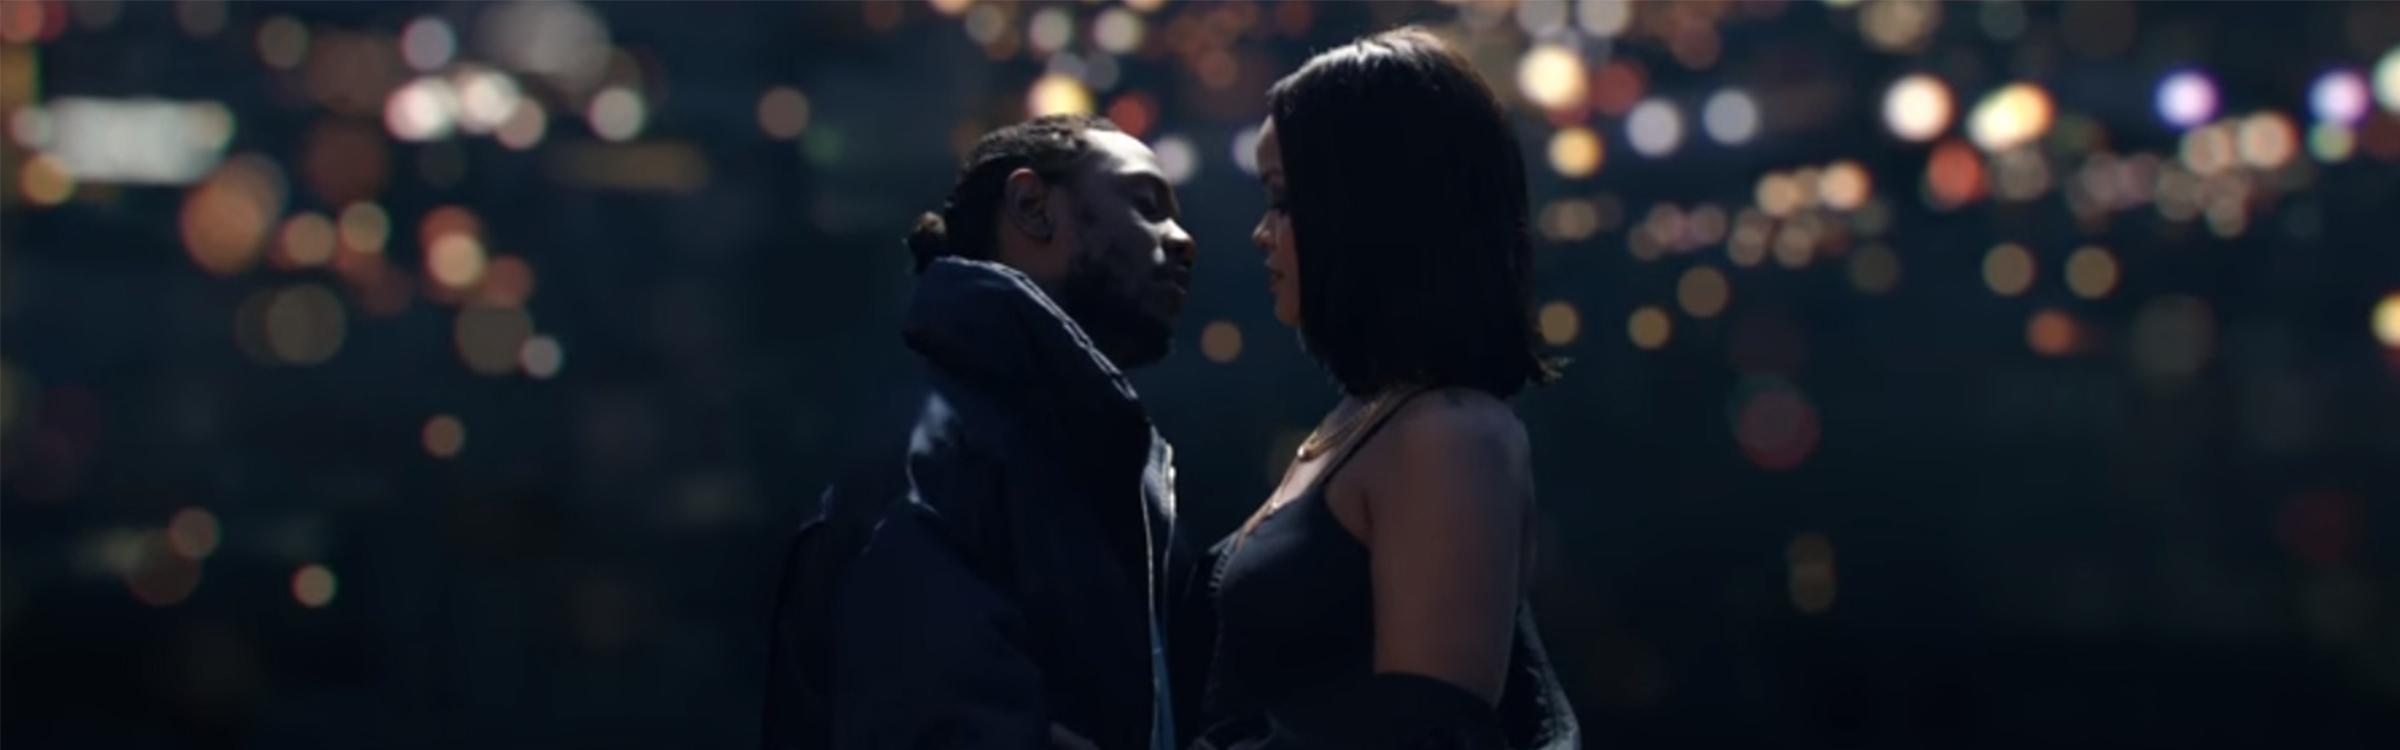 Kendrick lamar header